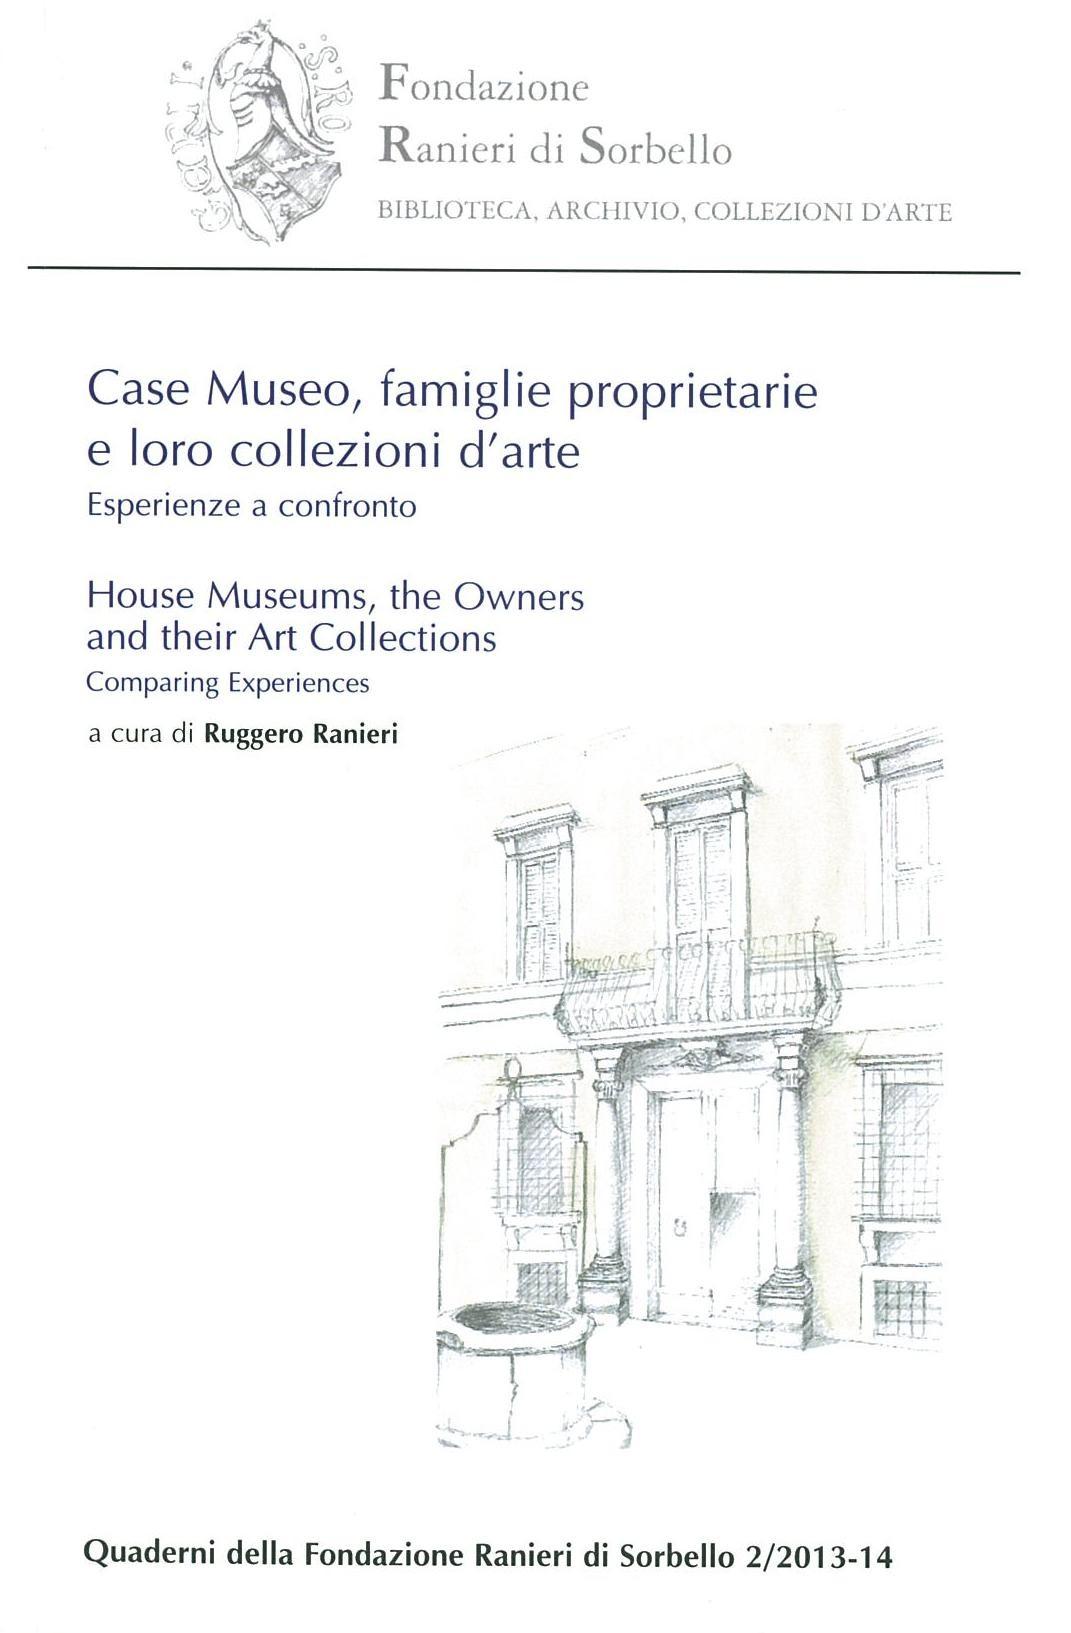 Popolare Pubblicazioni | Fondazione Ranieri di Sorbello – Perugia (Italy) VQ77